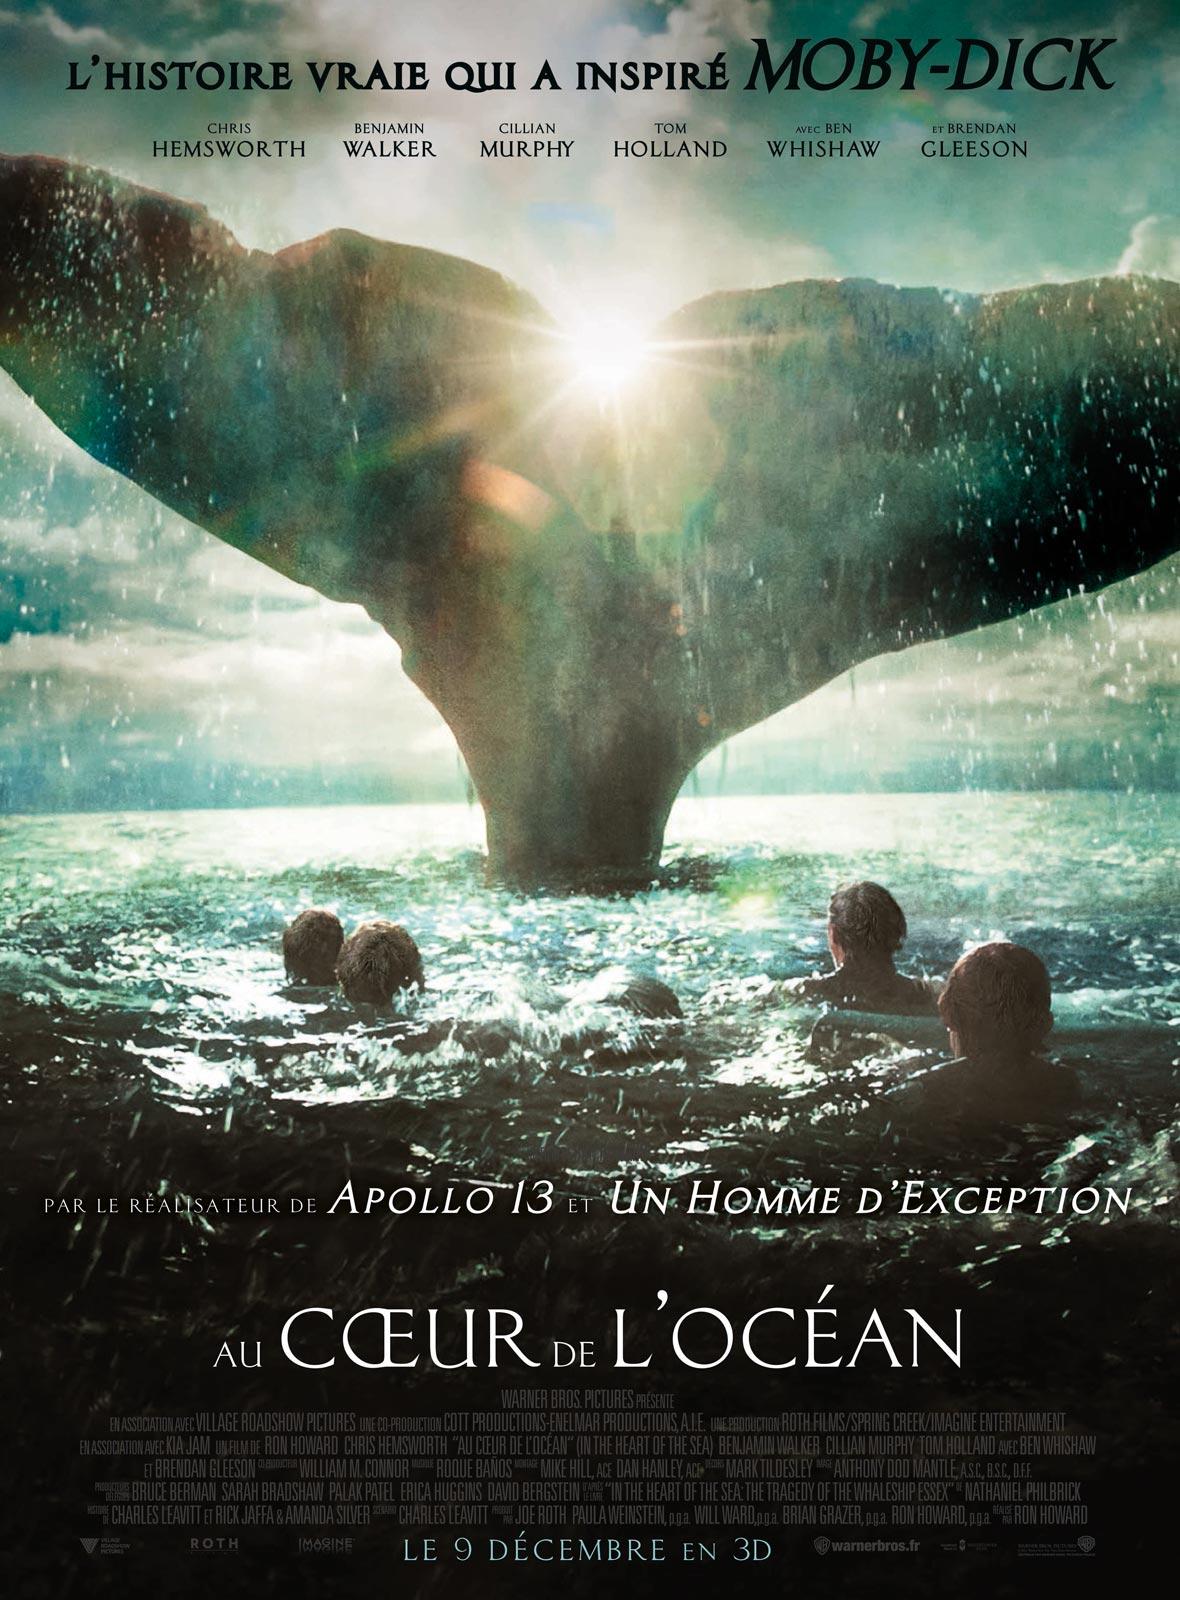 Au coeur de l'Océan ddl